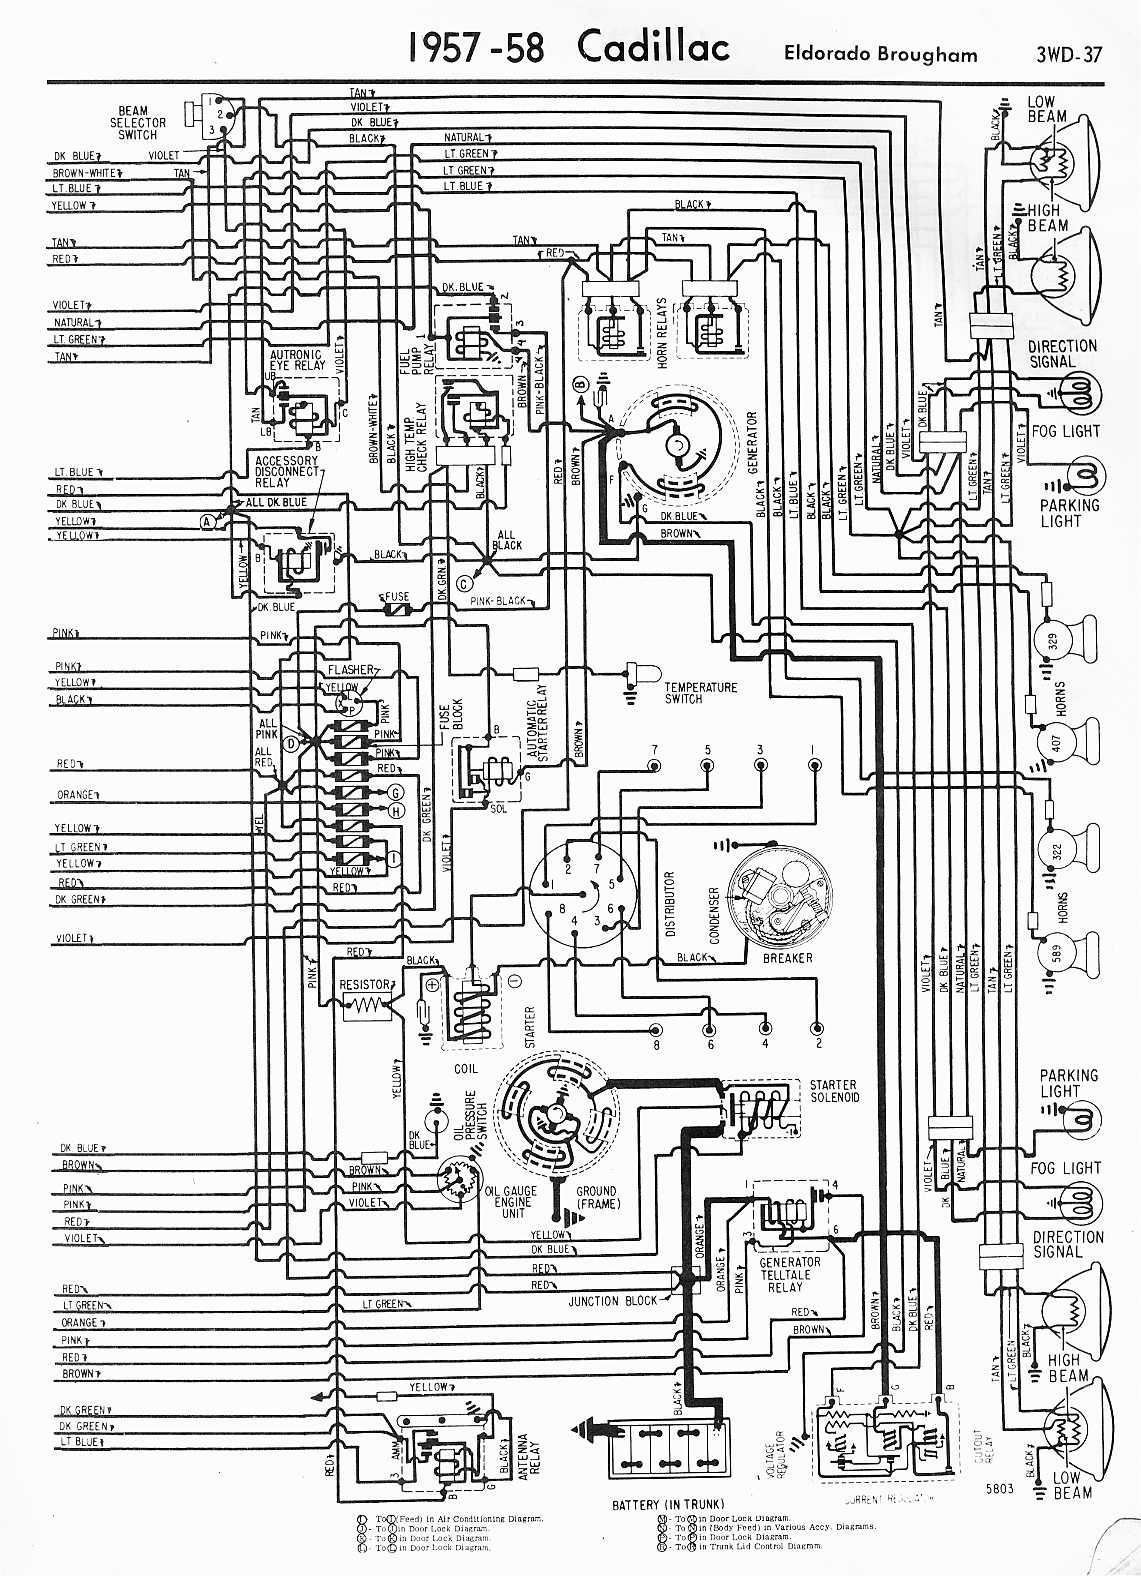 96 cadillac eldorado wiring diagram online wiring diagram96 cadillac eldorado wiring harness 14 23 kenmo lp [ 1141 x 1576 Pixel ]